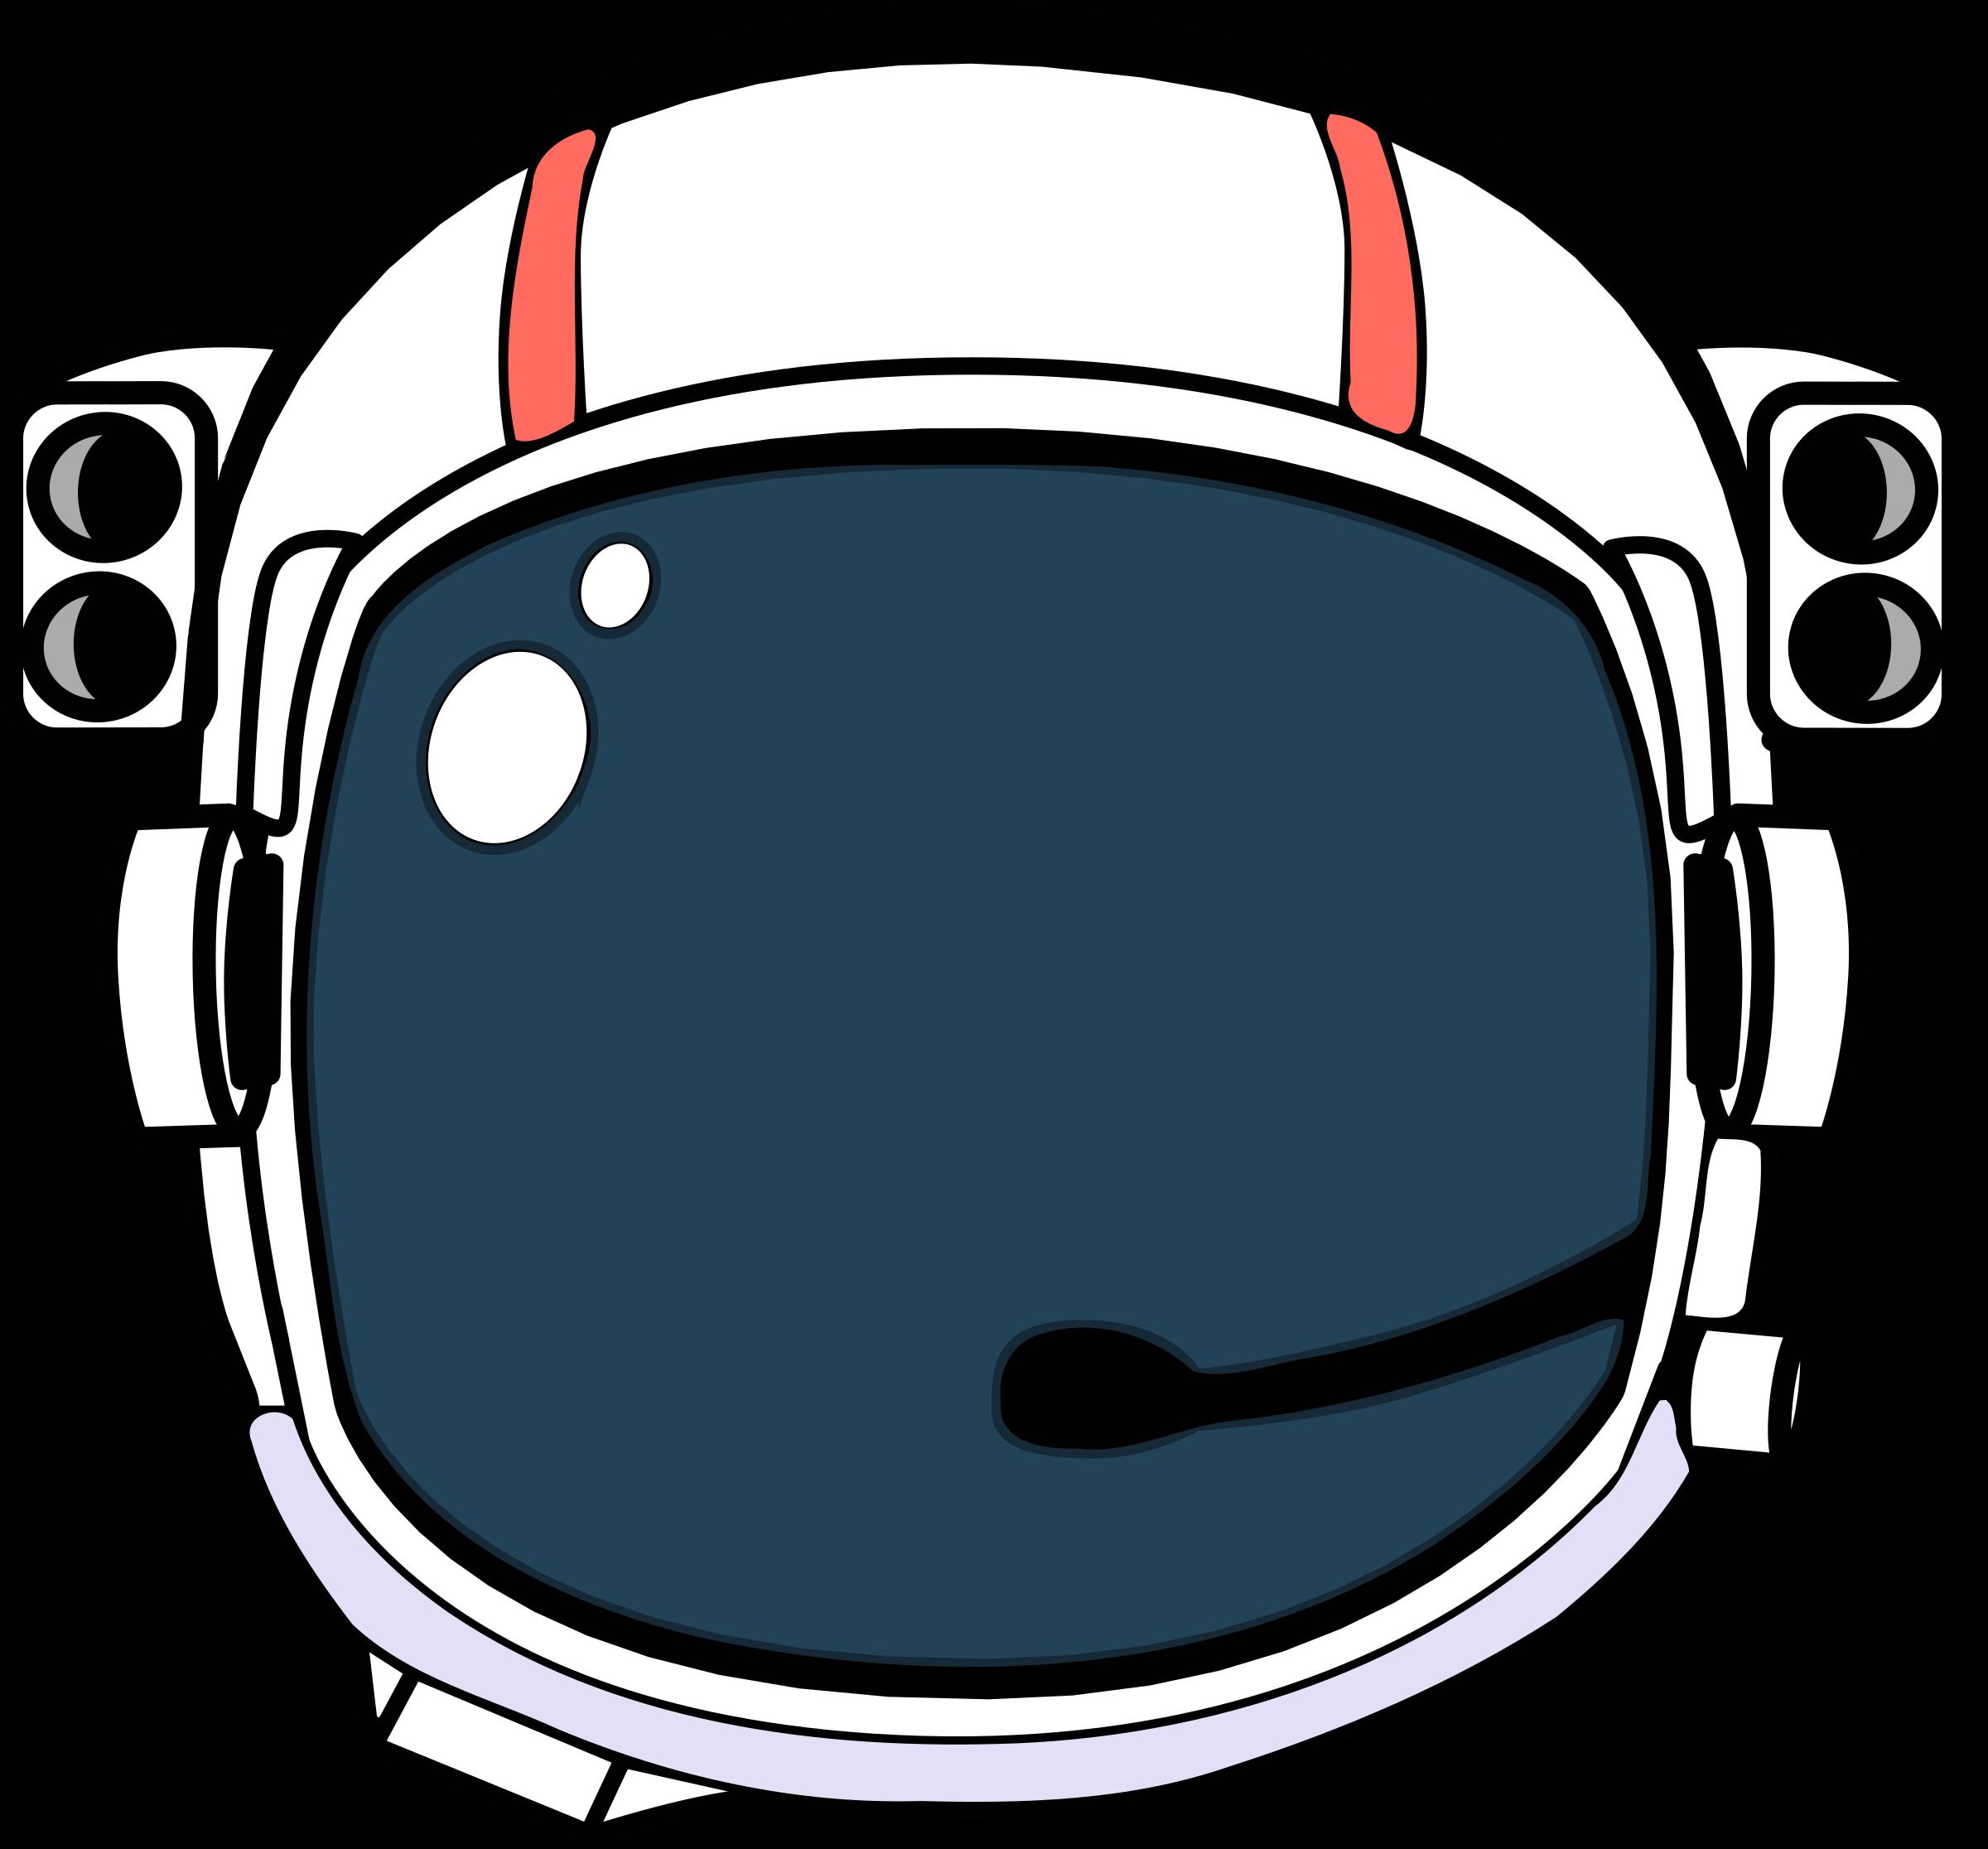 Astronaut Helmet Clipart.